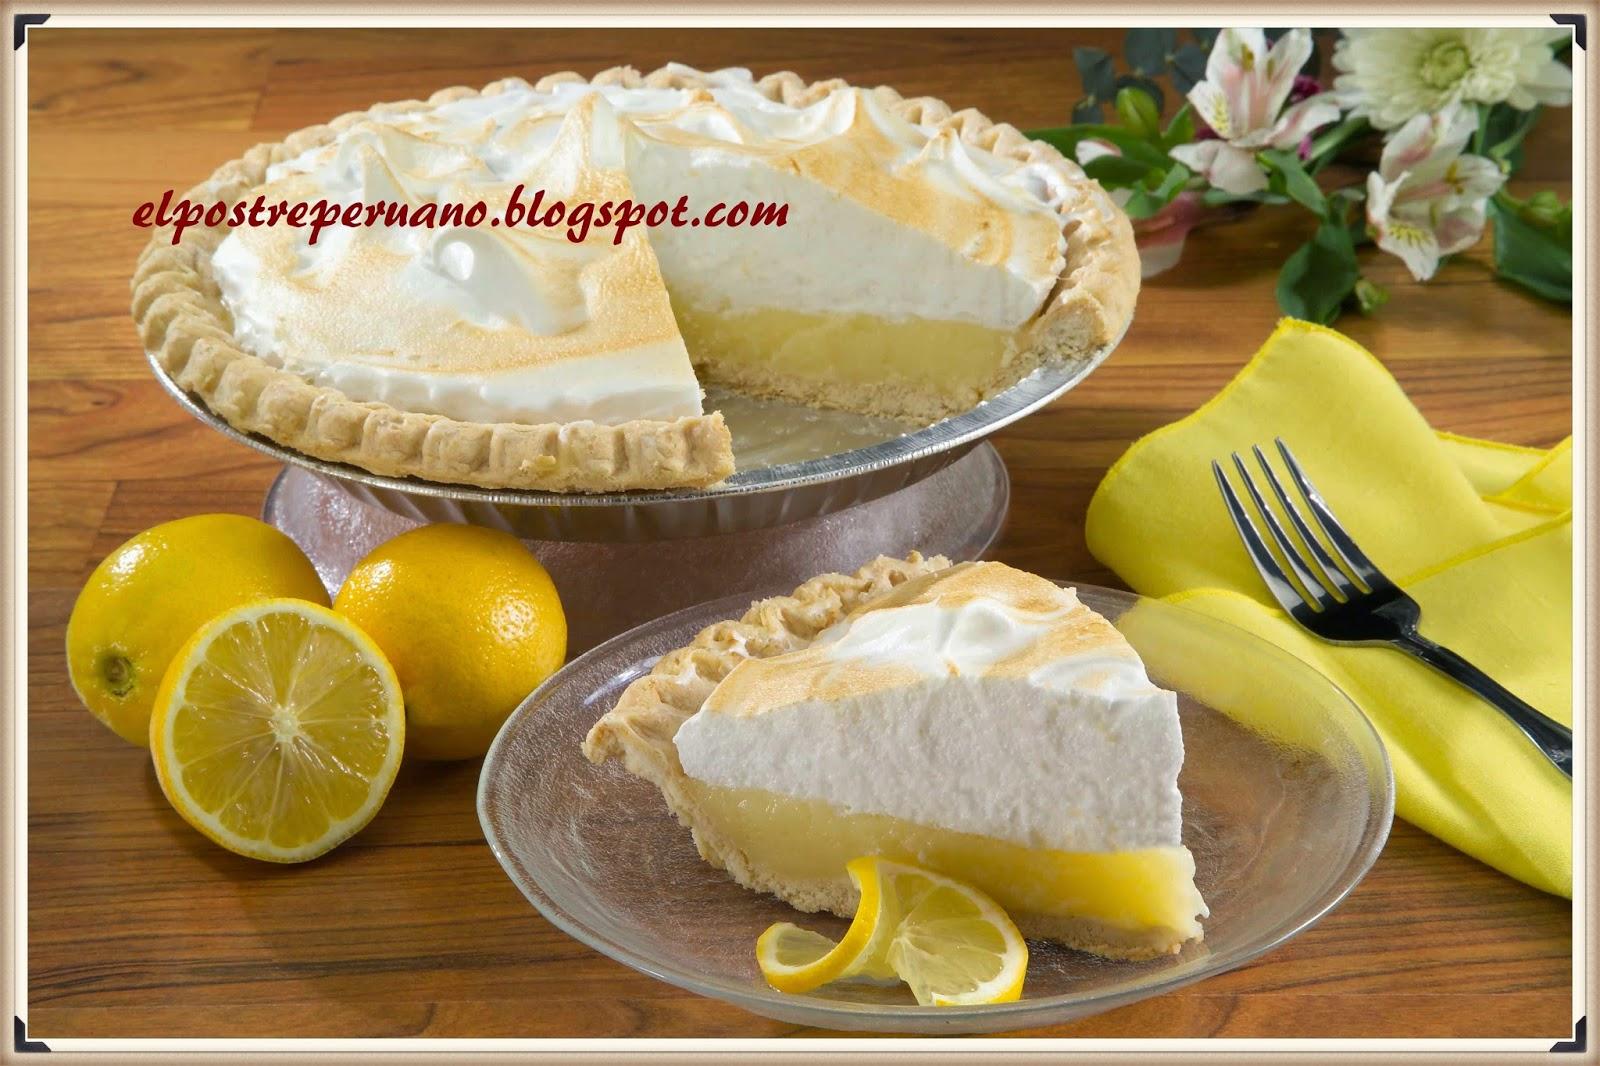 como se prepara el pastel de limón